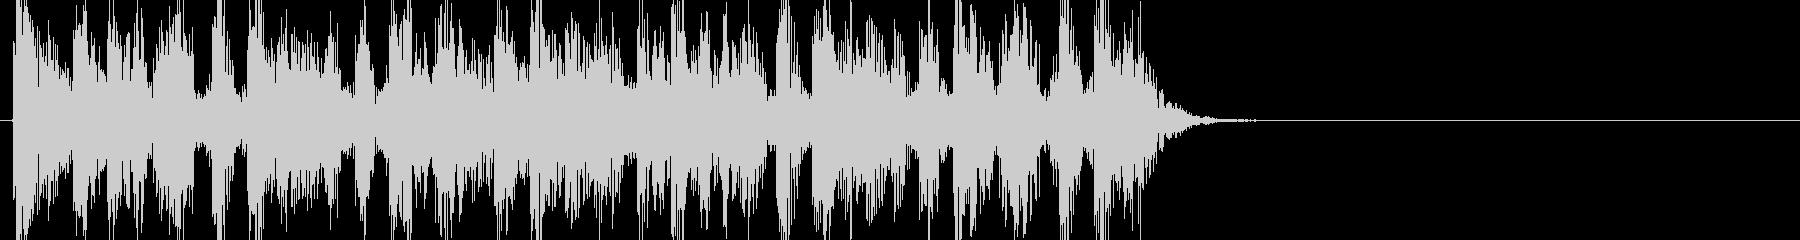 デトロイトテクノ調のジングル向きの短い曲の未再生の波形